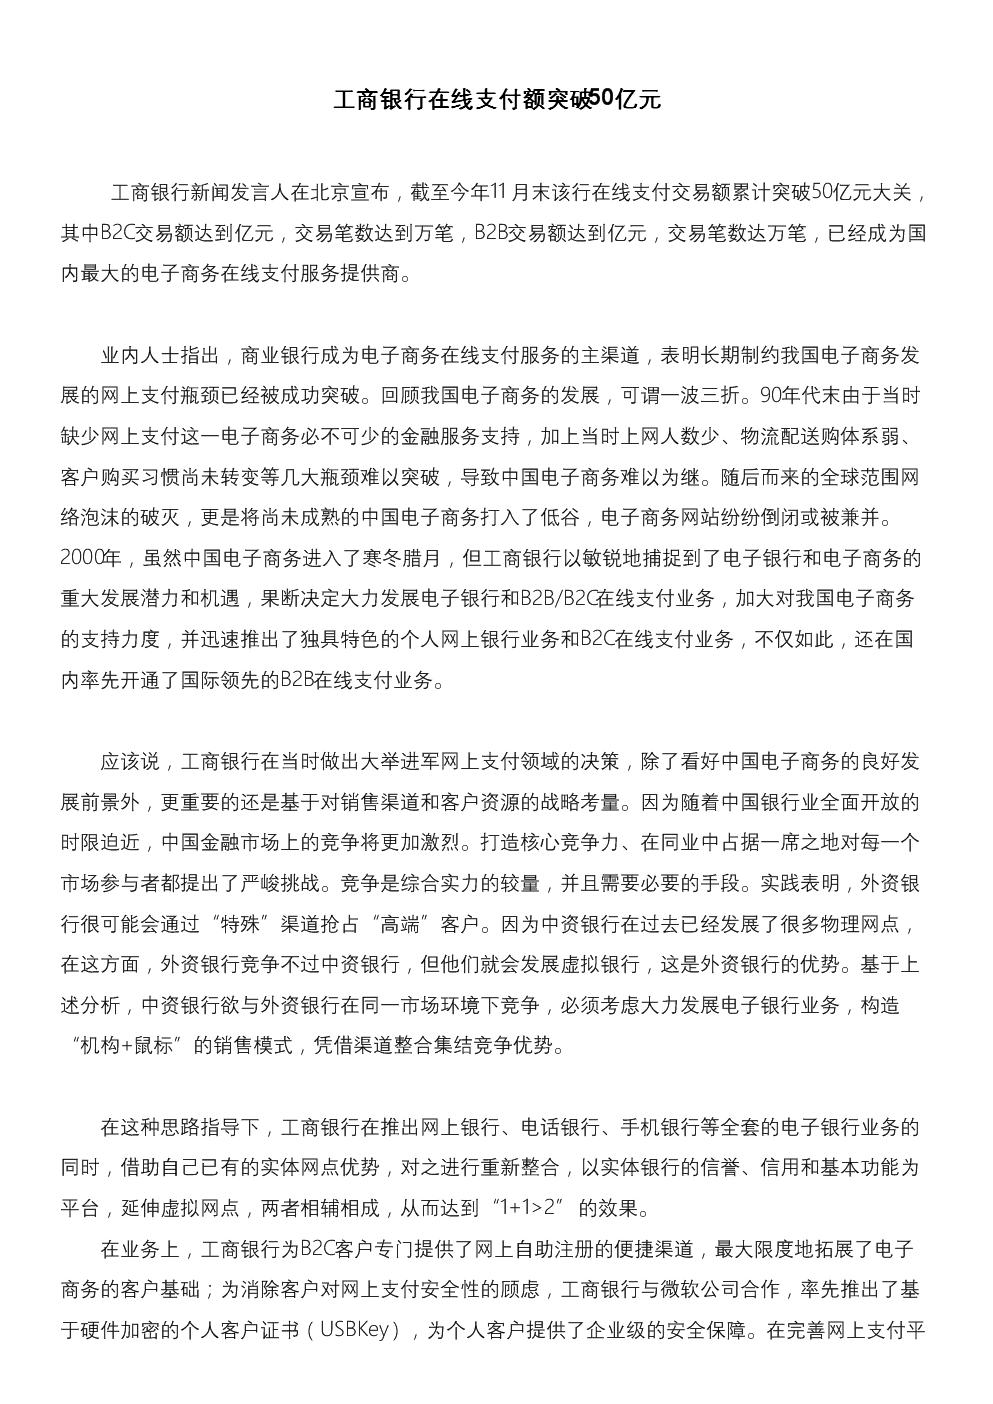 工商银行在线支付额突破50亿元.docx